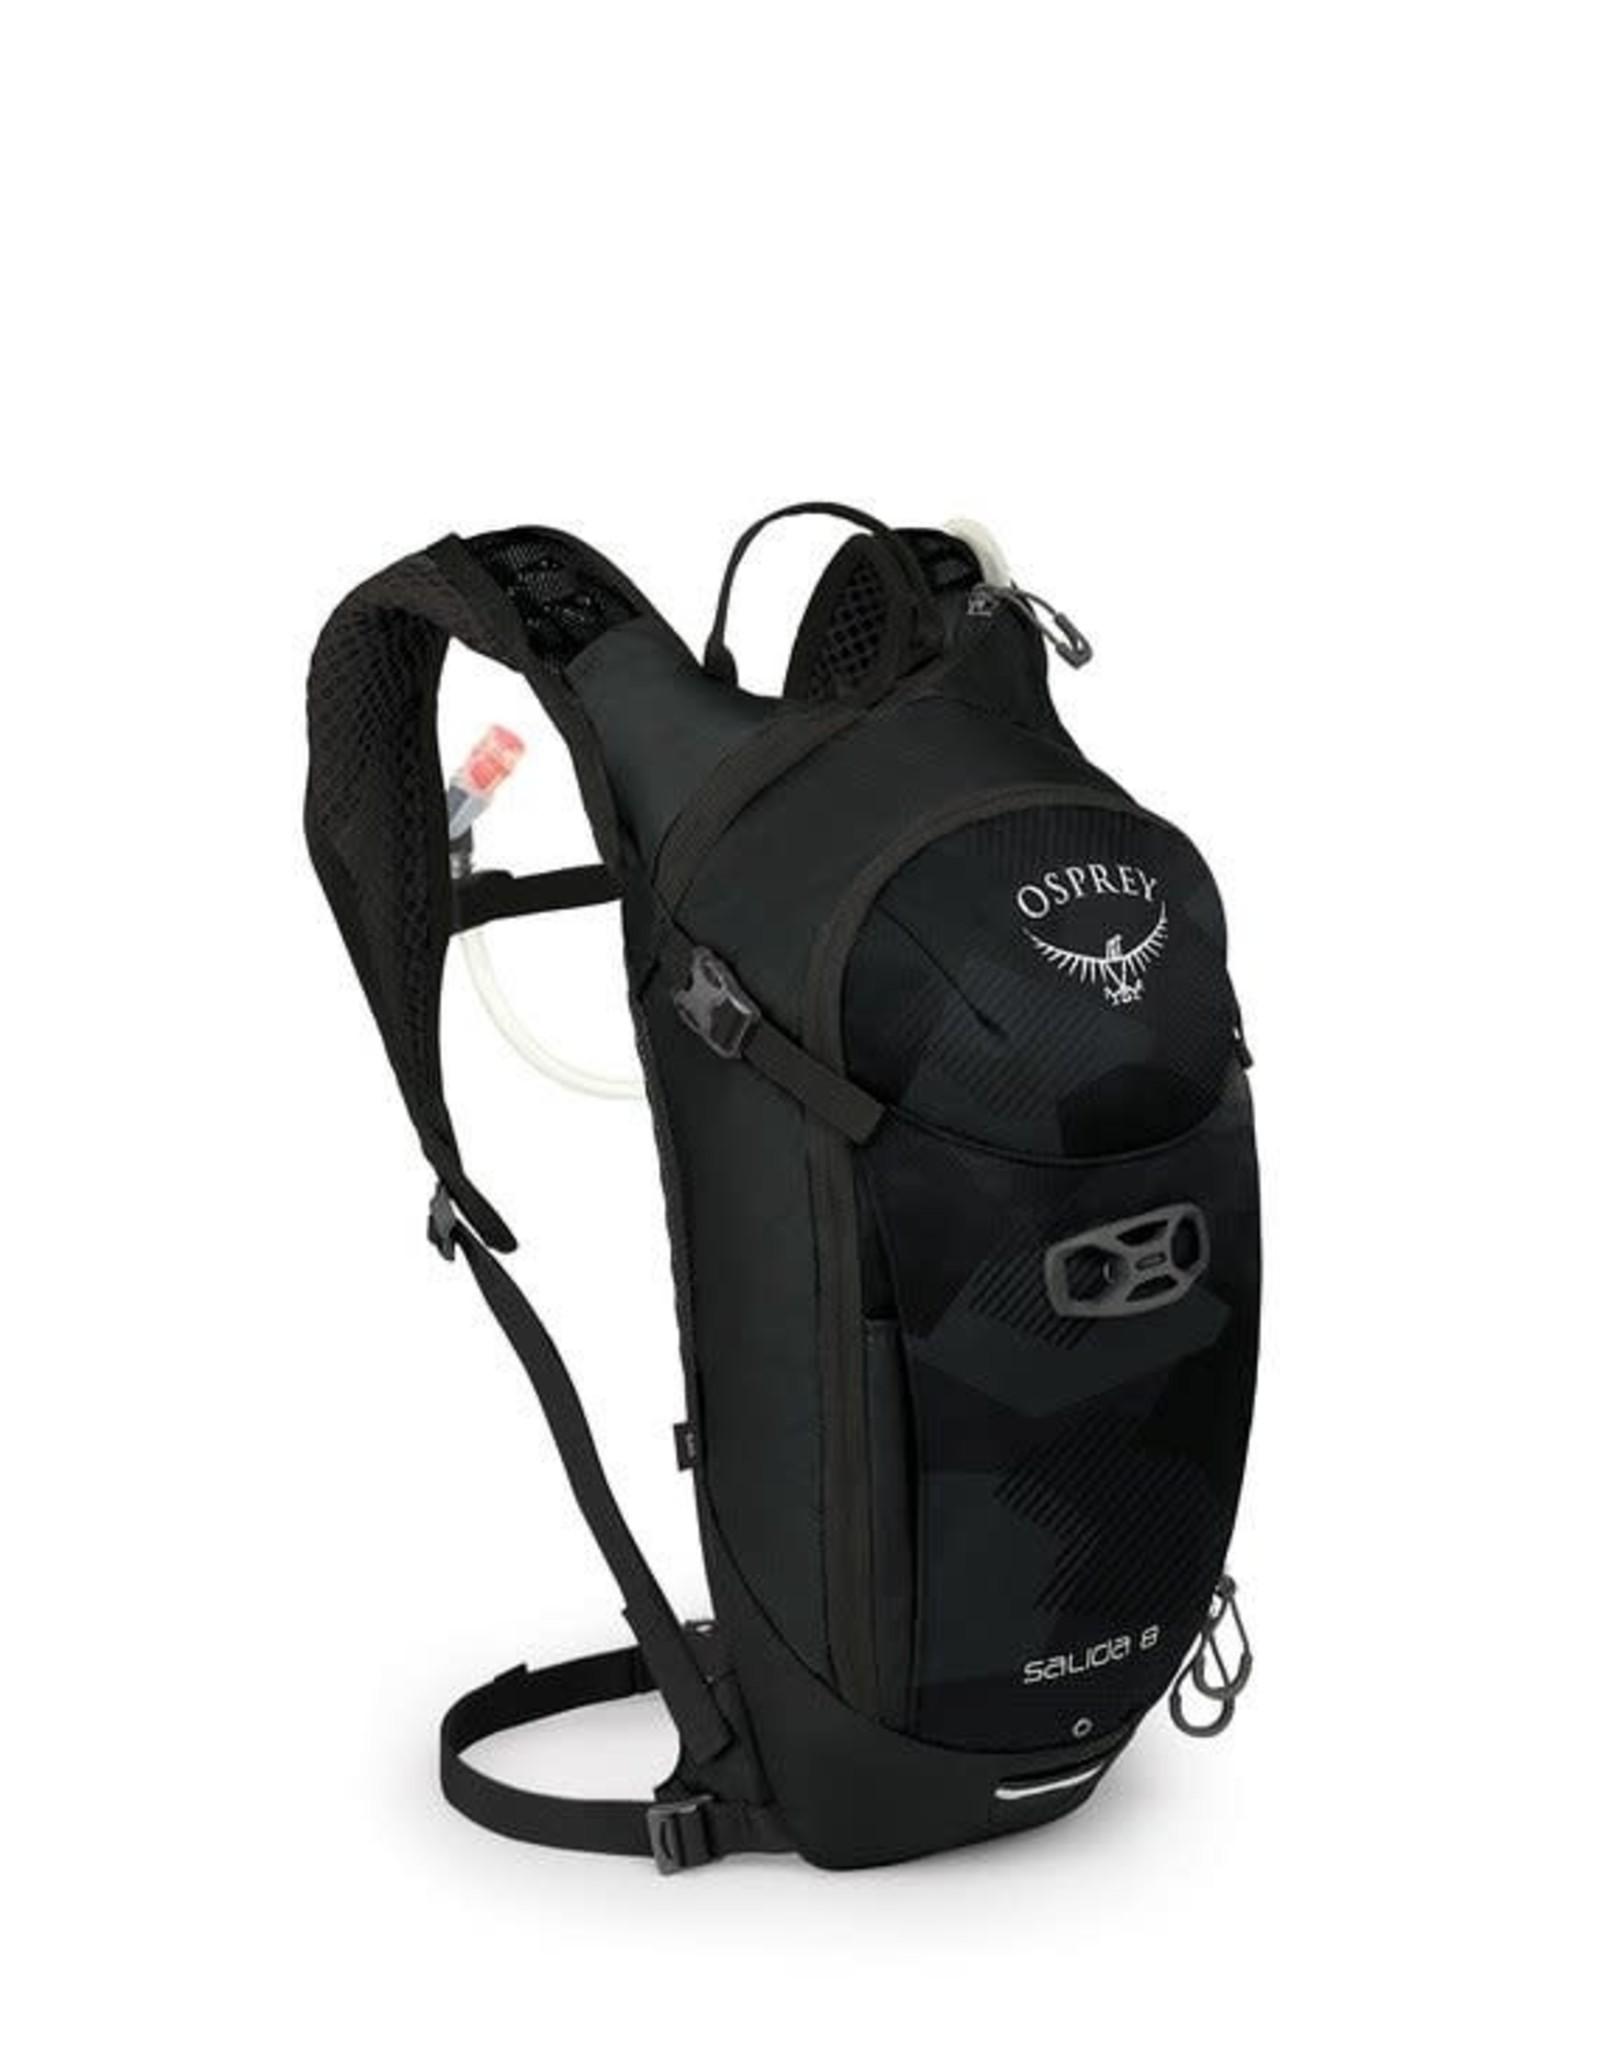 Osprey Osprey Salida 8 Biking Pack w/ Reservoir